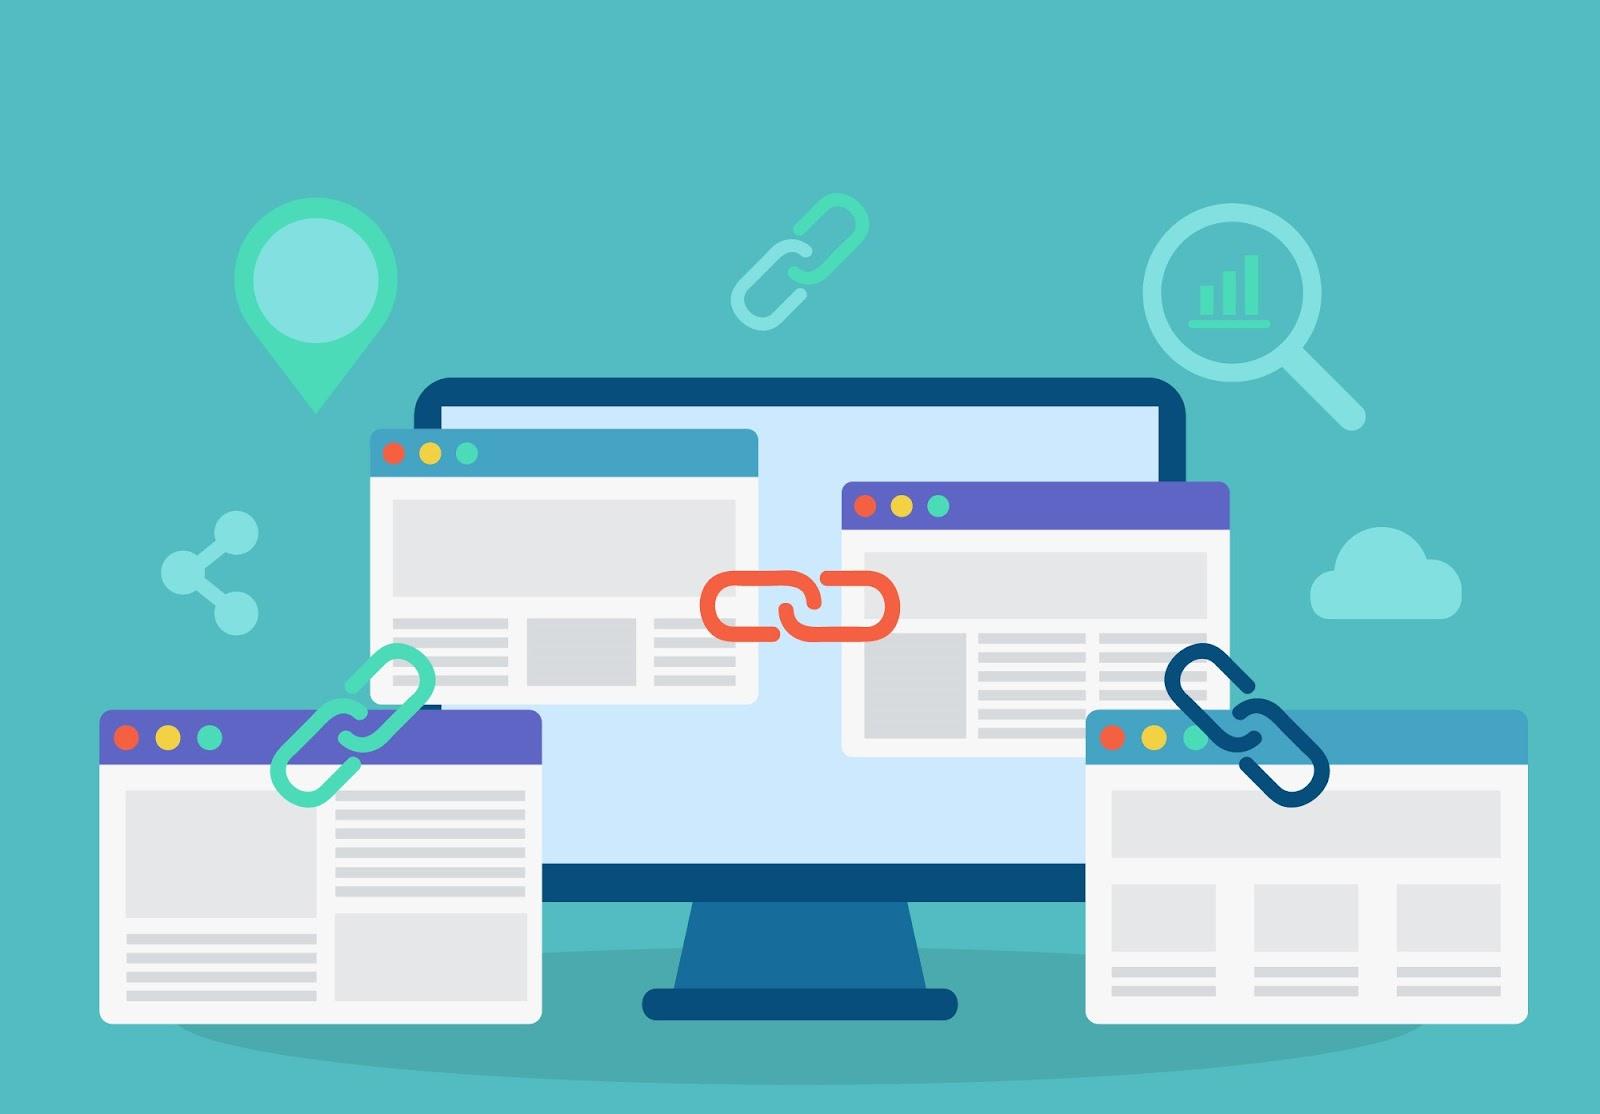 Cải thiện liên kết nội bộ cho Google SEO